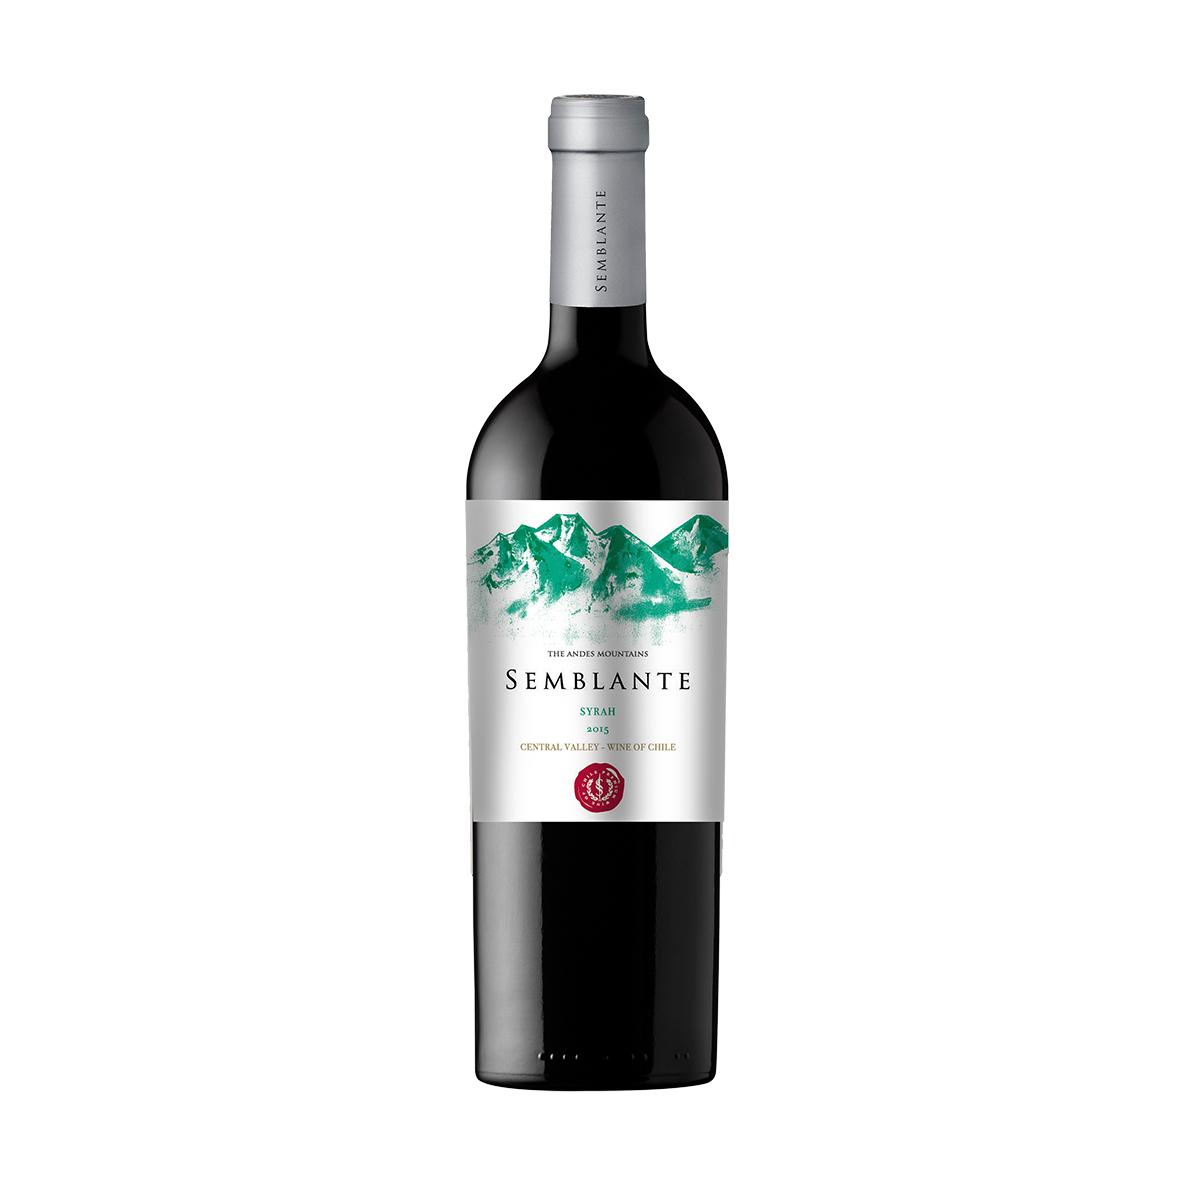 智利中央山谷西格尔酒庄风彩系列西拉干红葡萄酒